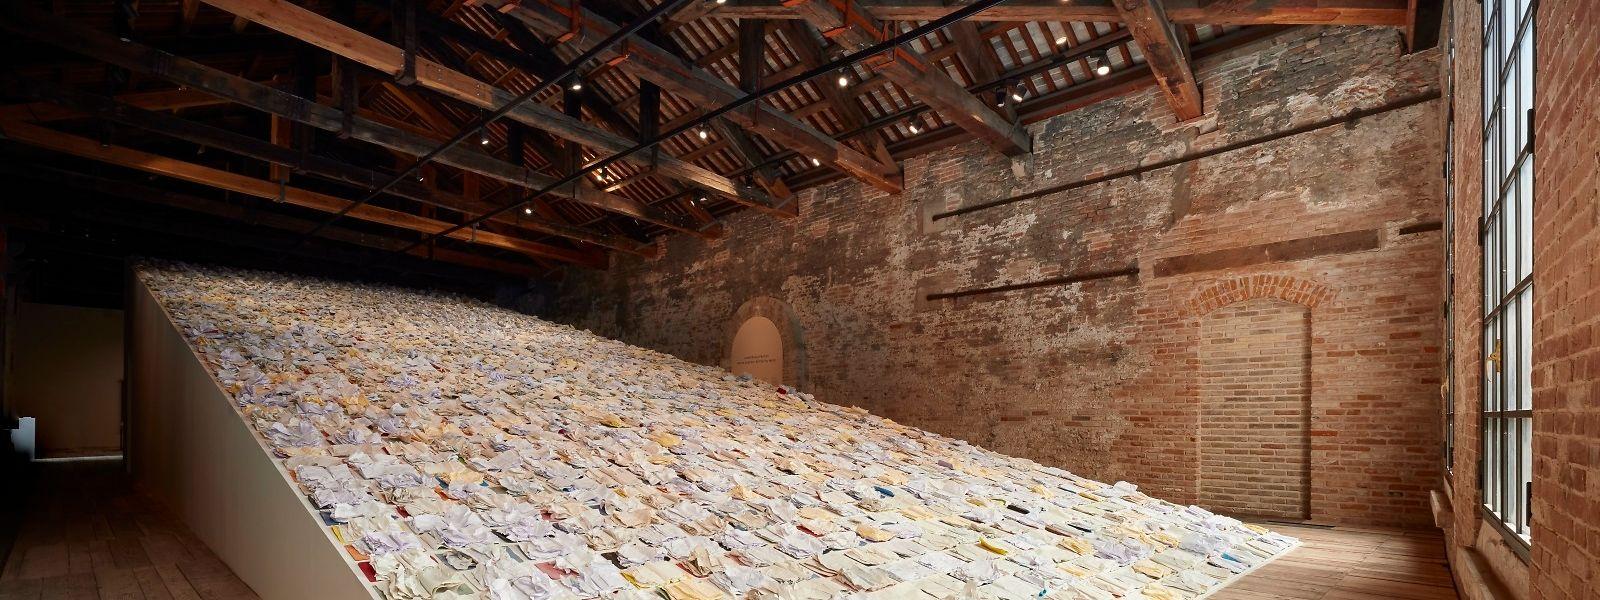 Marco Godinho est le premier artiste plasticien du Grand-Duché à investir la Sale d'Armi de l'Arsenale.